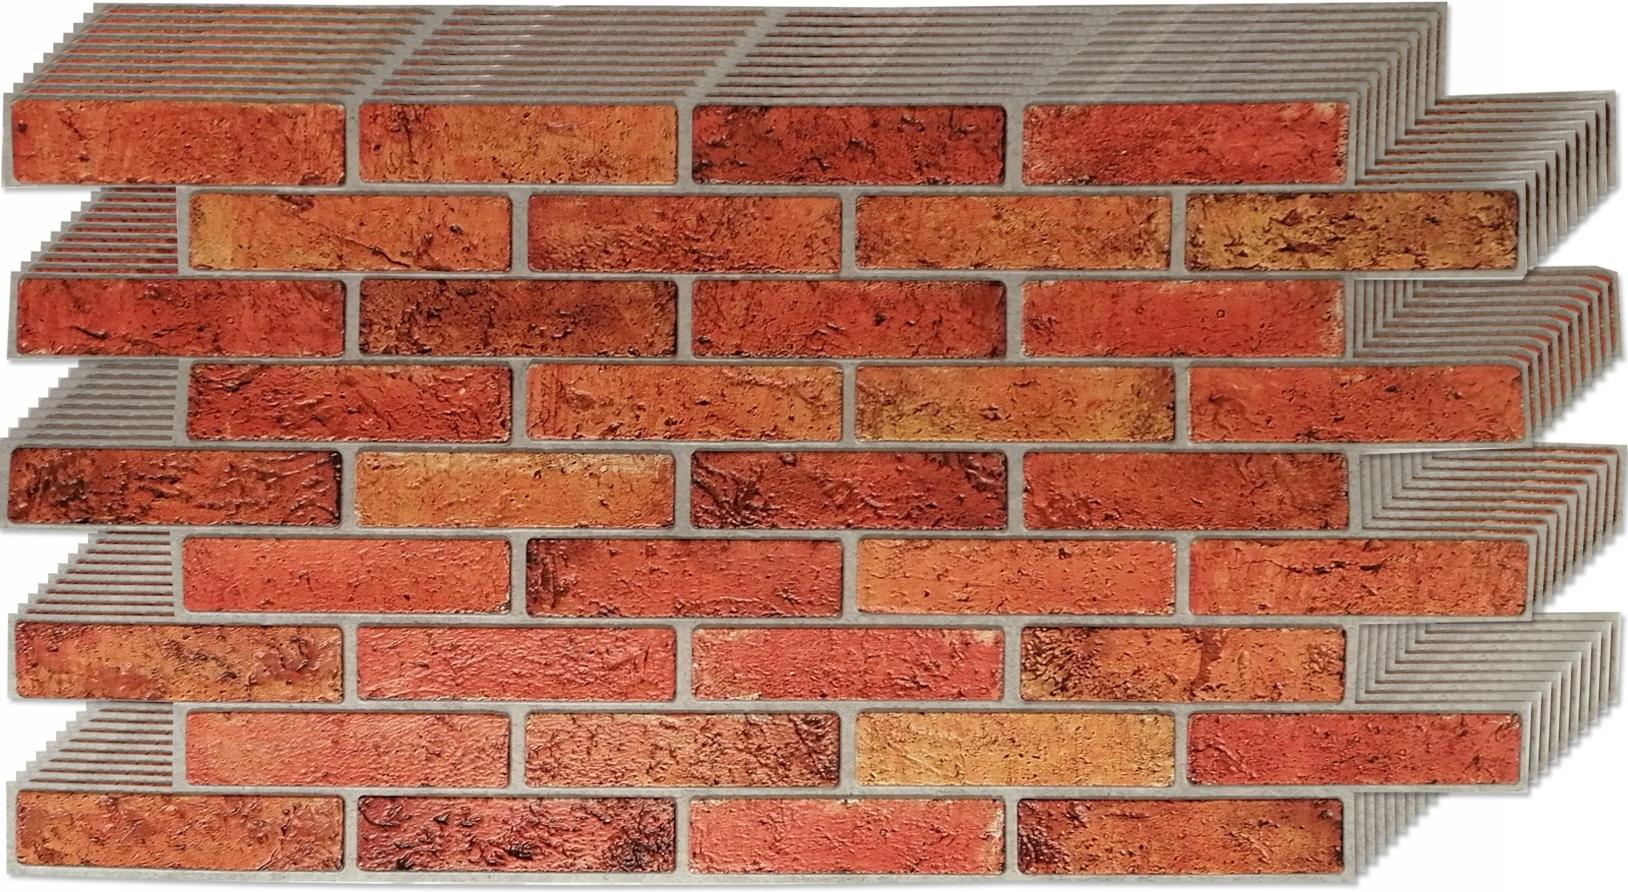 3D stenové panely PVC retro tehlová tehla 10 ks.